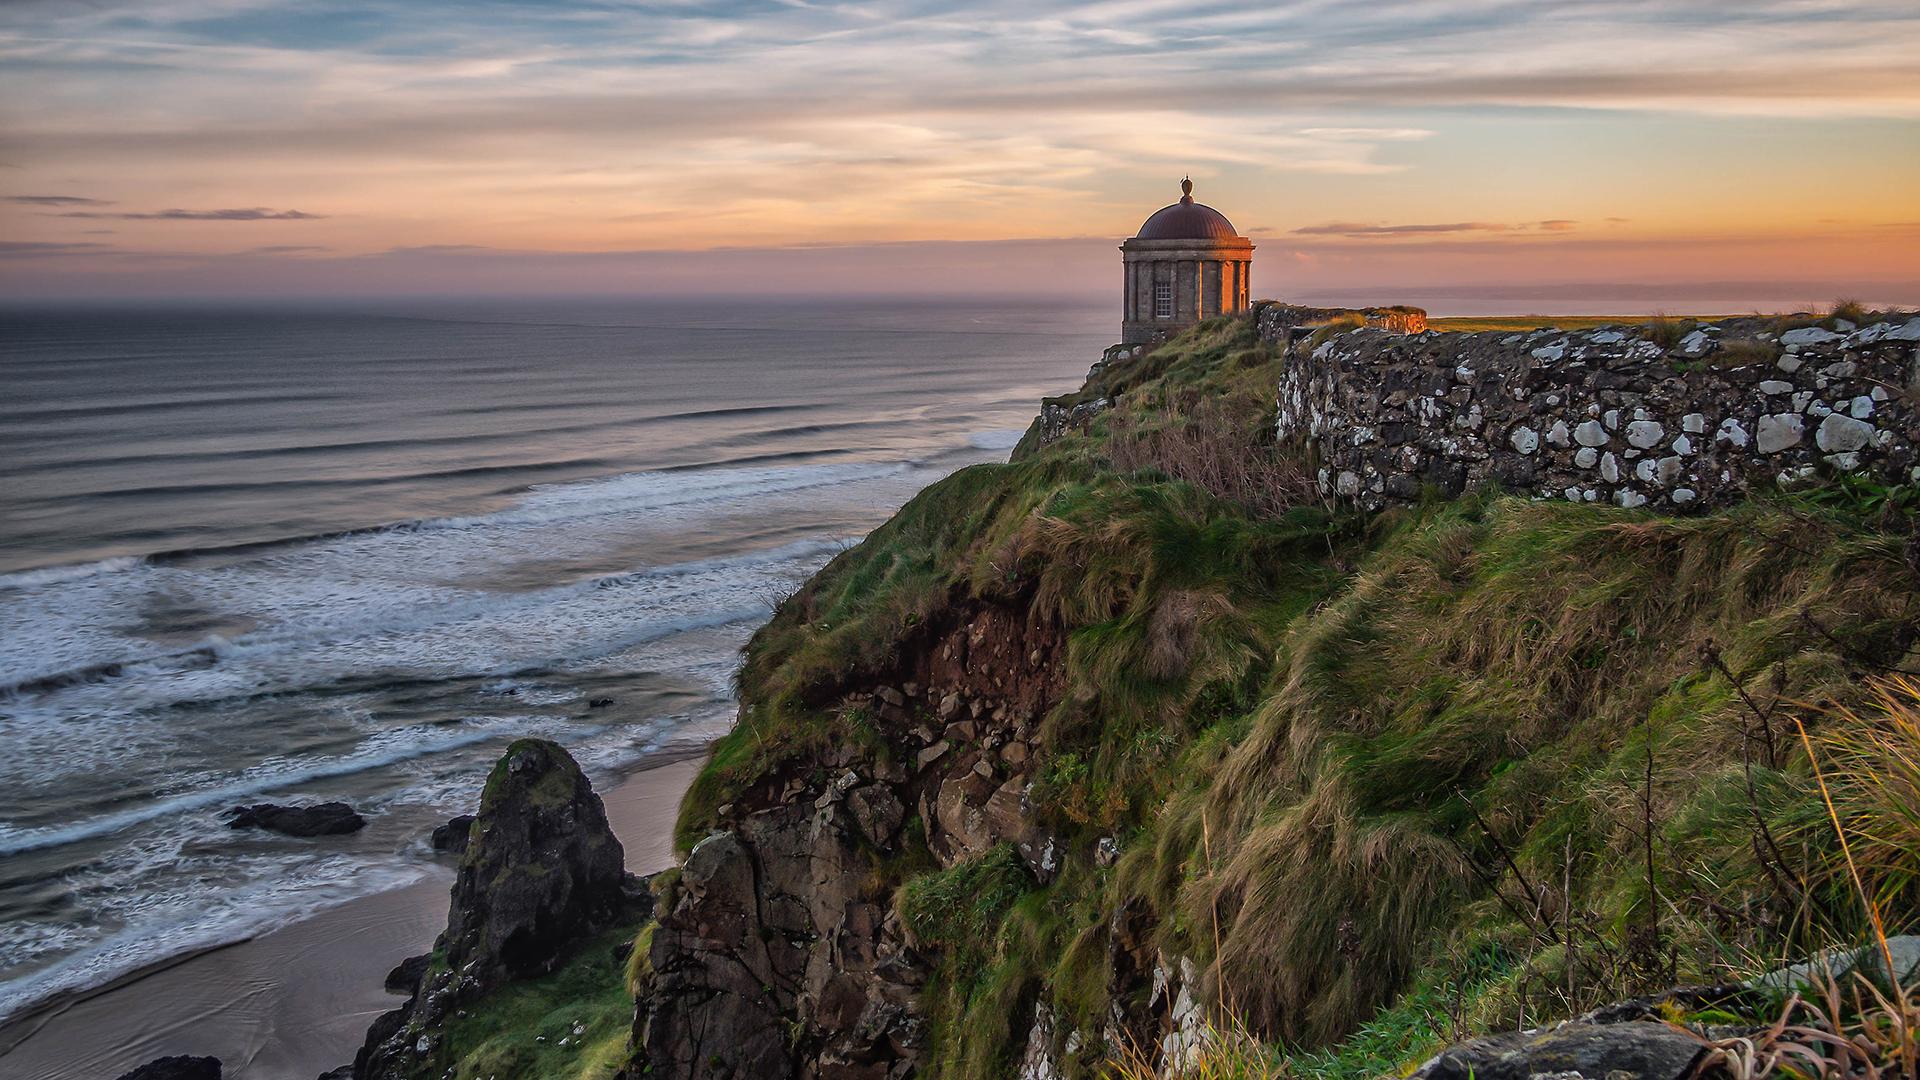 """El Templo de Mussenden en Irlanda del Norte se ha convertido en una atracción turística tras ser visto en temporadas anteriores deGame of Thrones como hogar del """"único rey verdadero"""", Stannis Baratheon"""